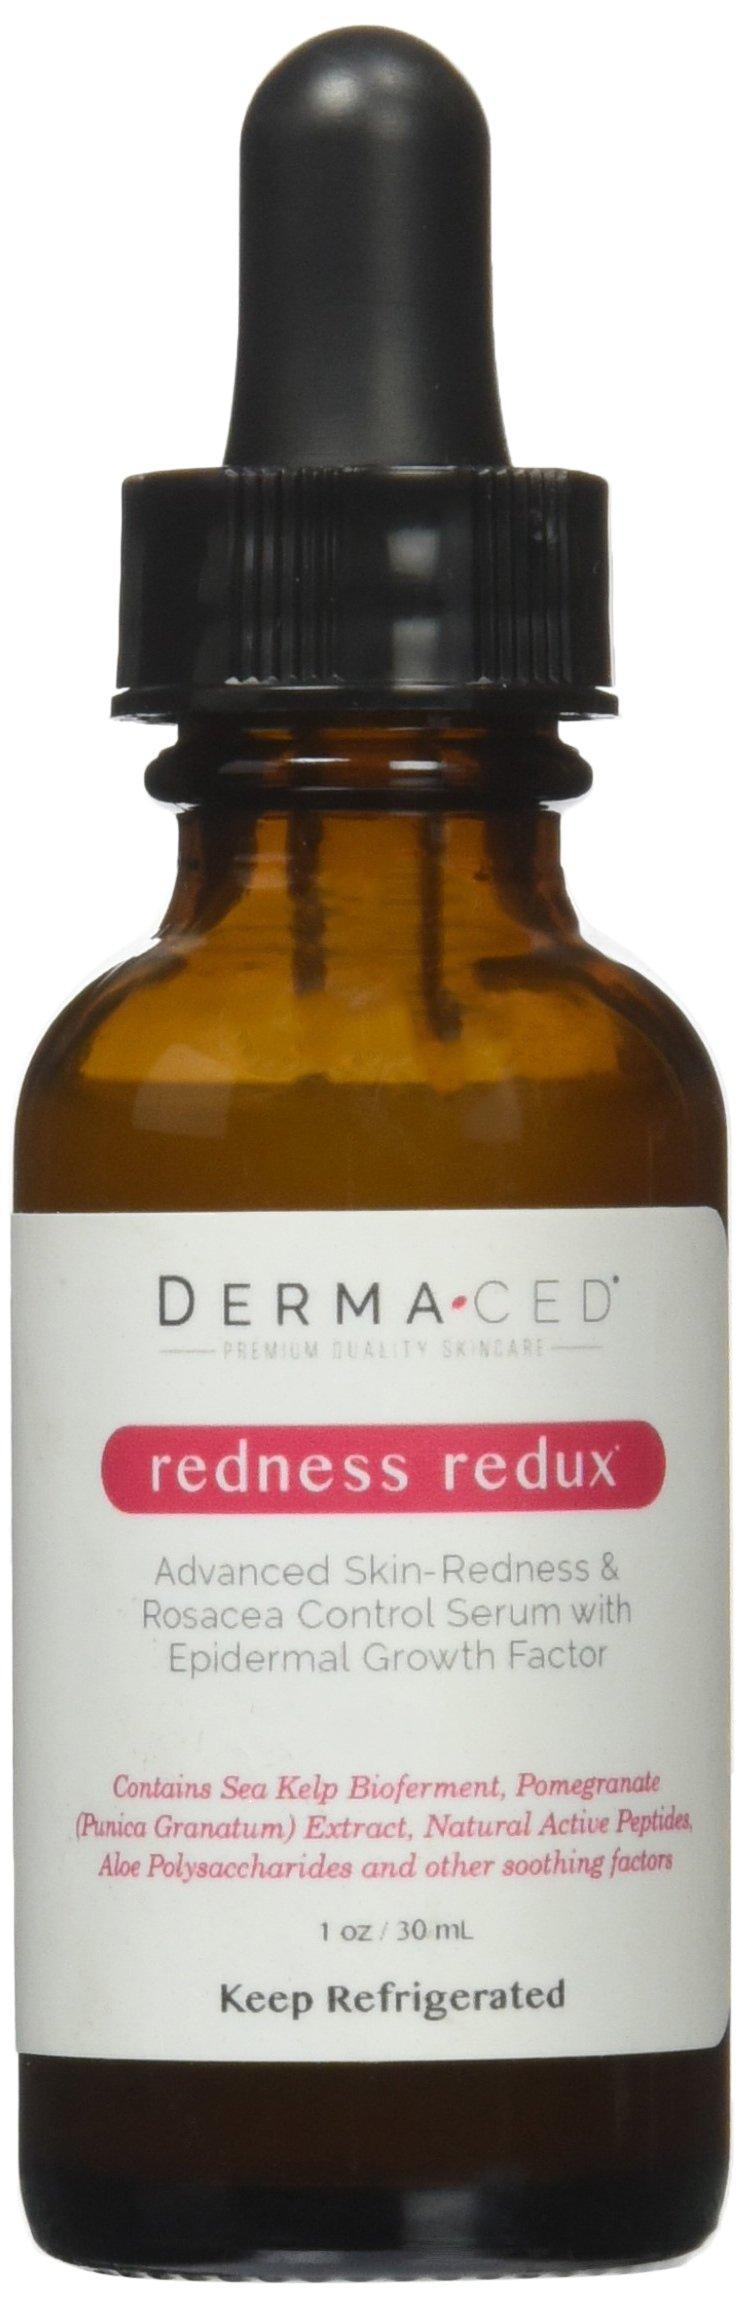 Dermaced Redness Redux Advanced Rosacea & Skin Redness Serum, 1 oz.